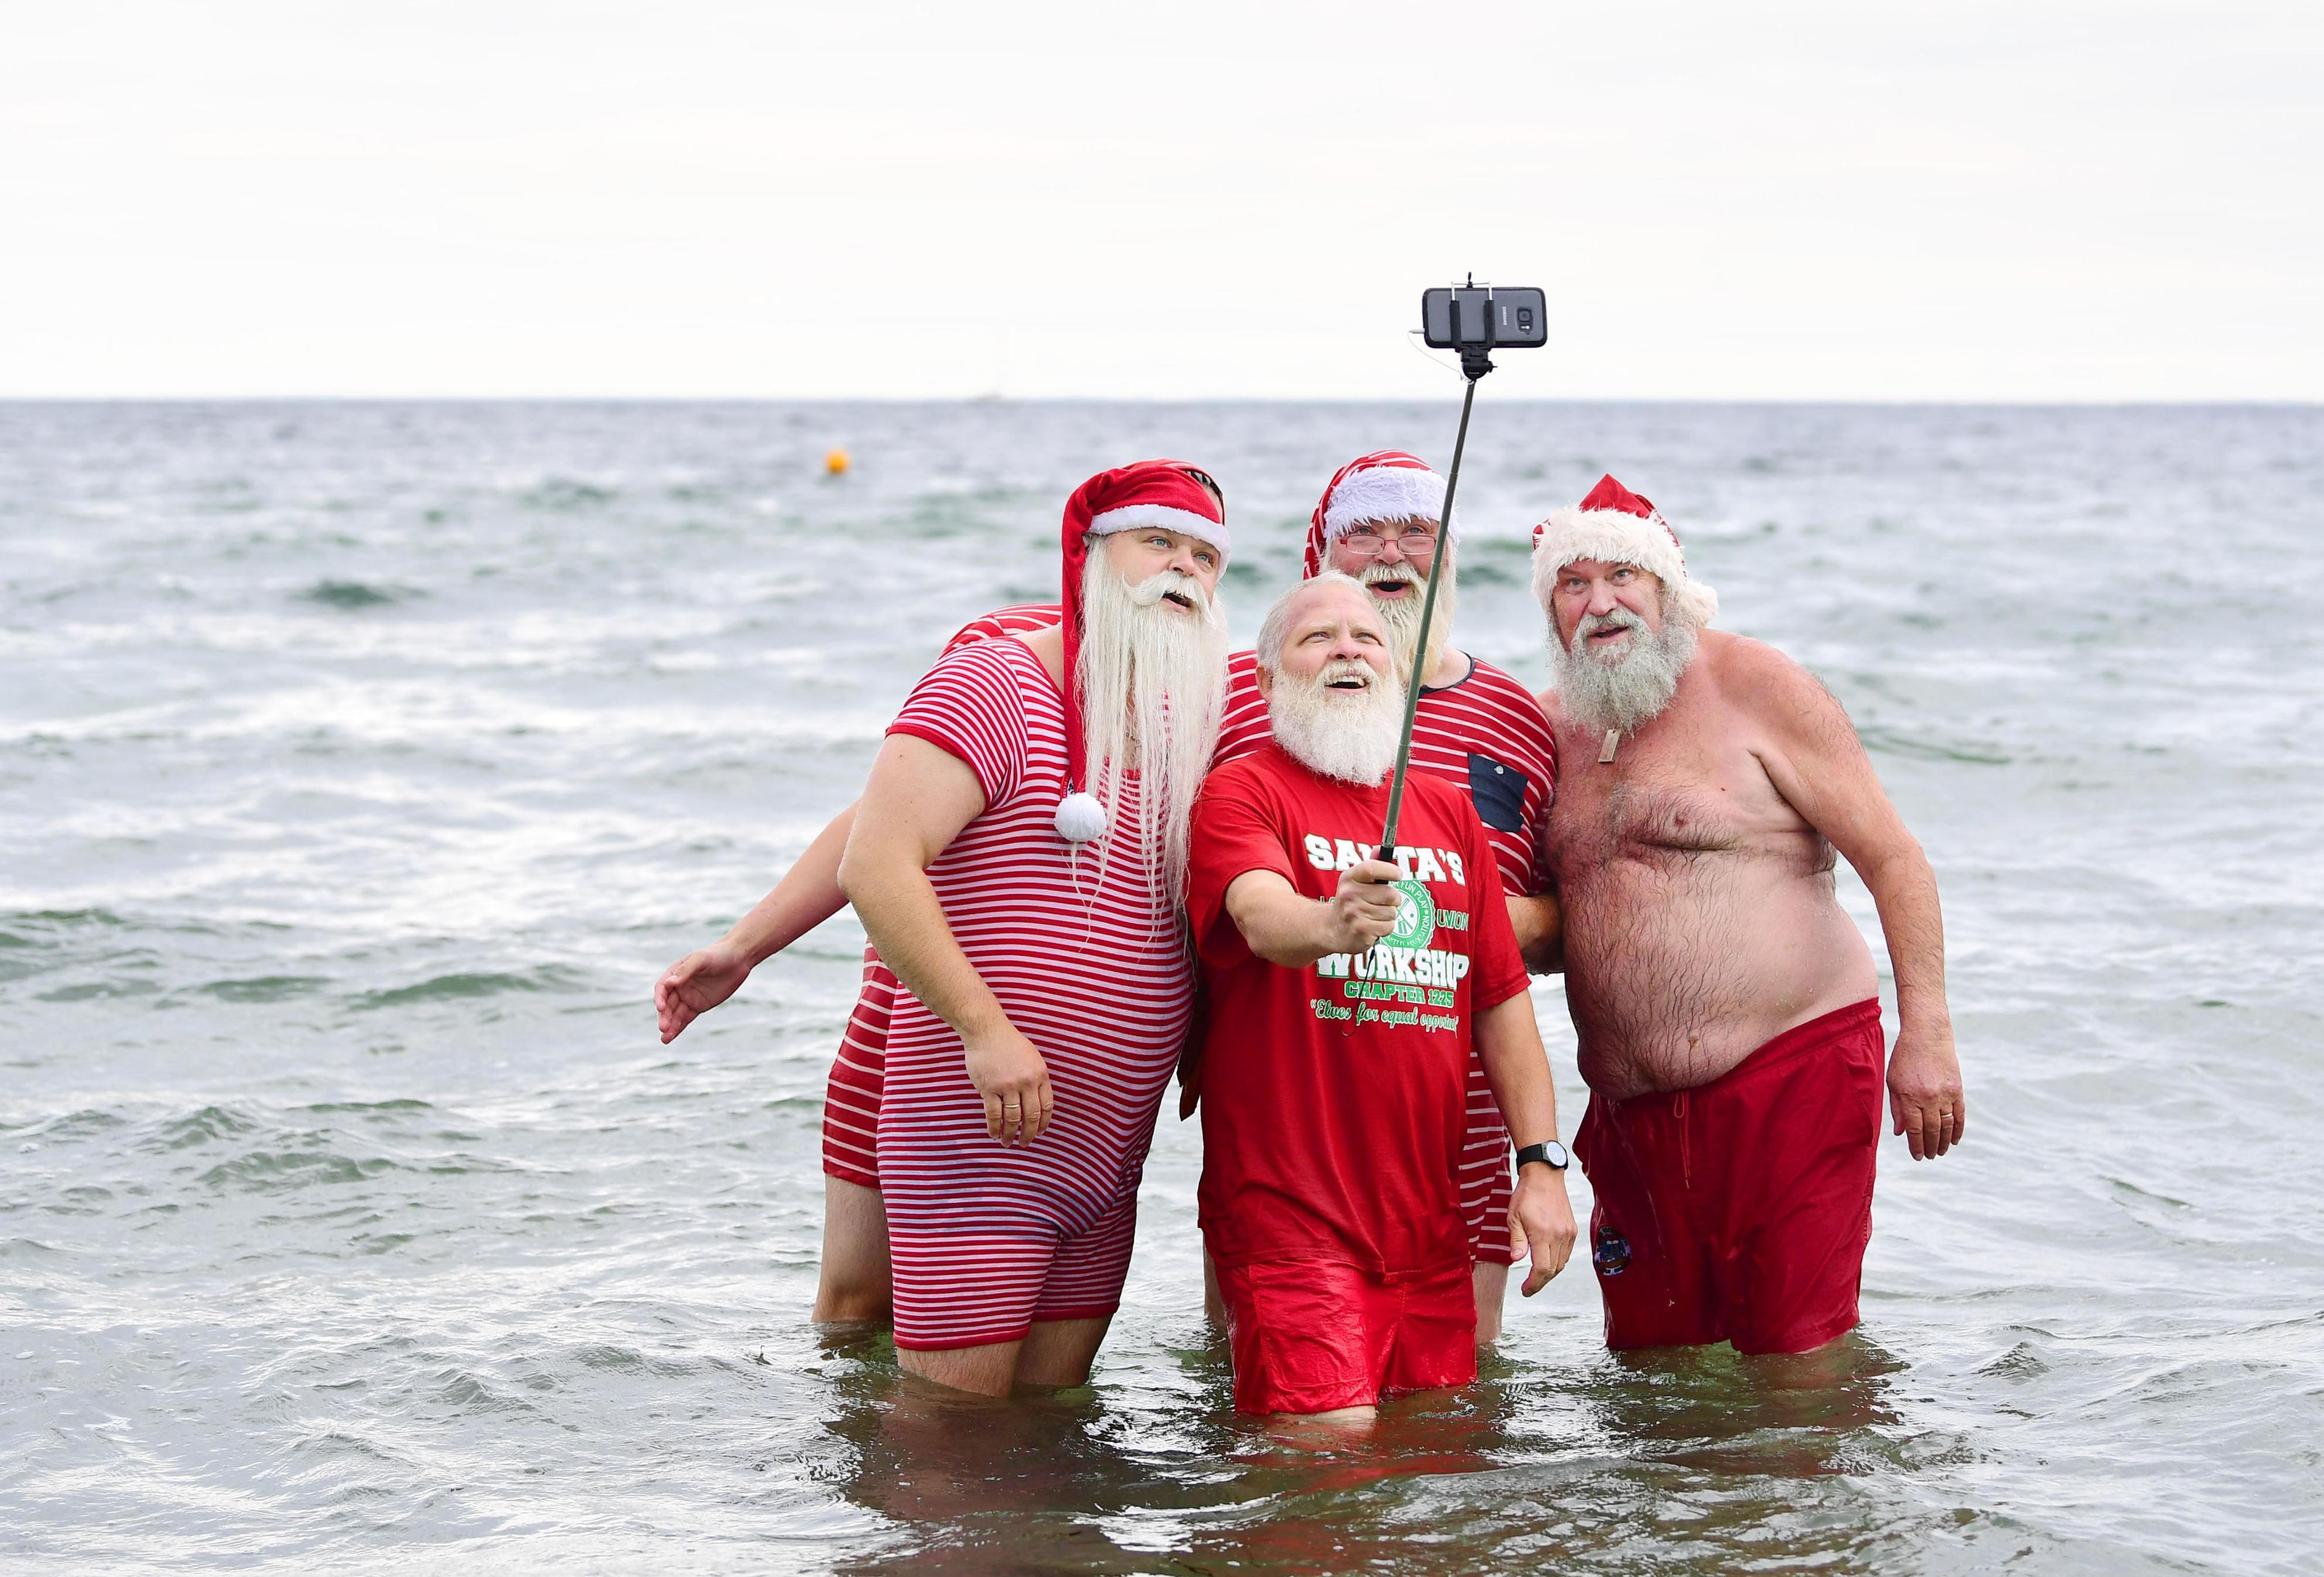 海に入り、記念撮影を楽しむ水着姿のサンタたち=コペンハーゲン郊外(撮影・仙石高記、共同)